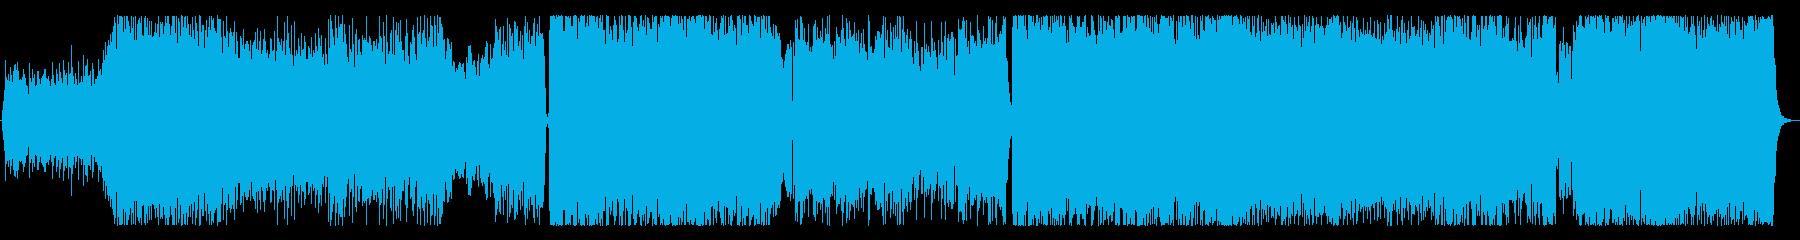 ハレルヤ・ネットワークの再生済みの波形